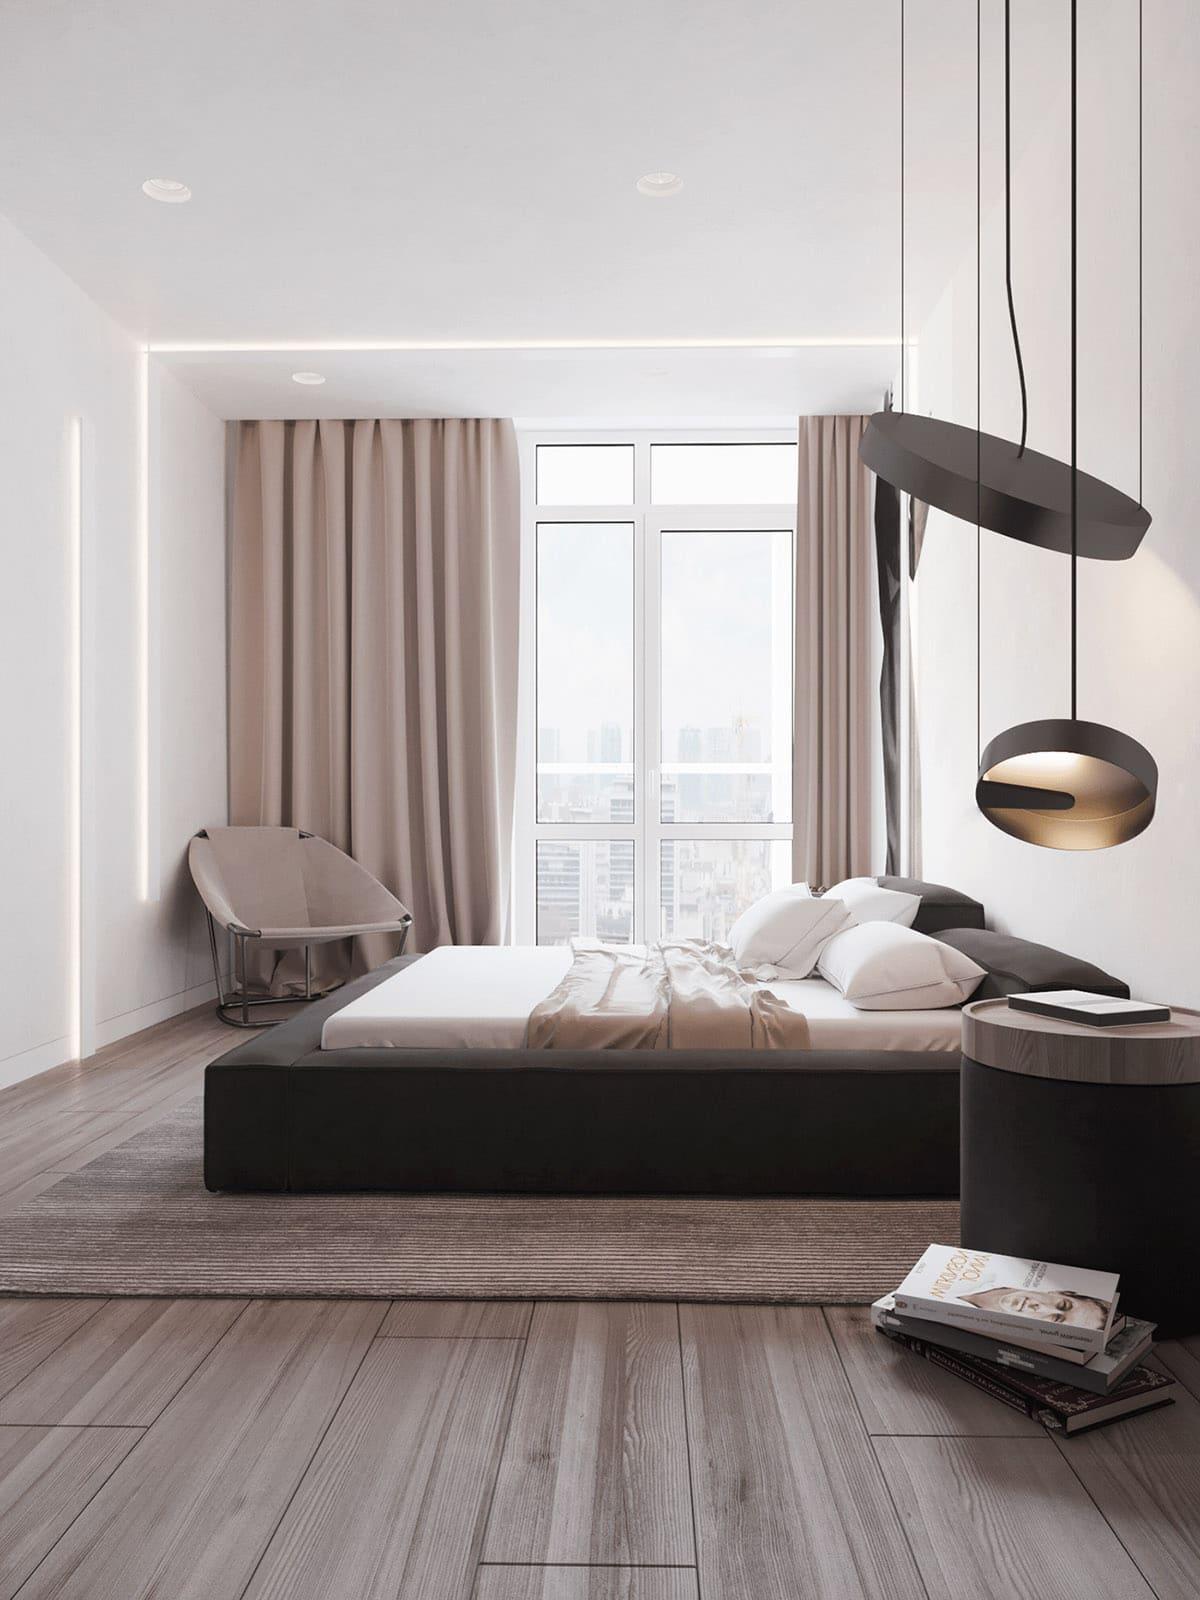 Мягкий и спокойный интерьер большой спальни